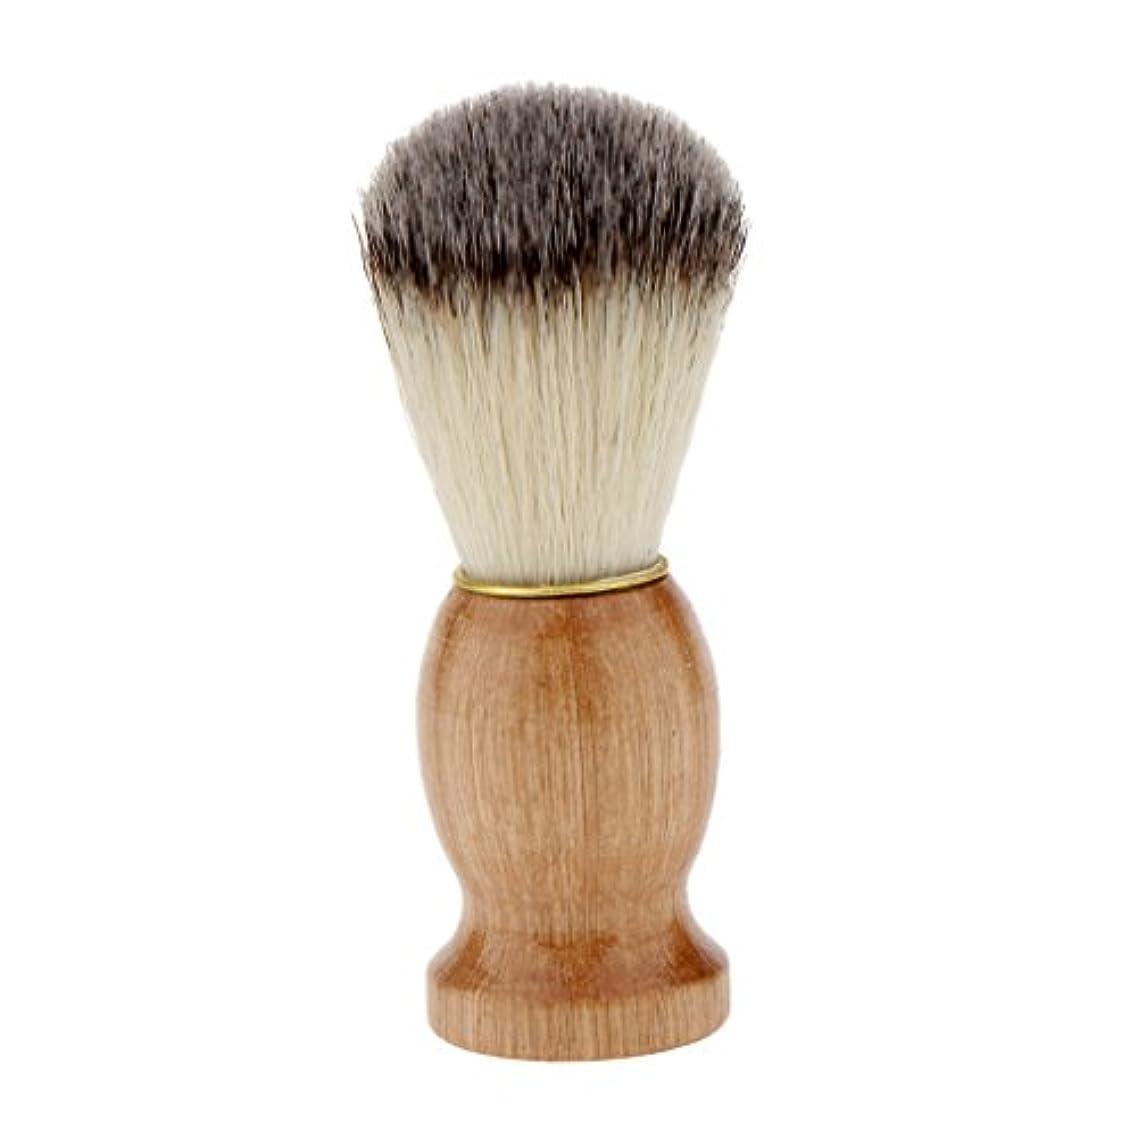 前奏曲定刻組み合わせ男性ギフト剃毛シェービングブラシプロ理髪店サロン剛毛ブラシウッドハンドルダストクリーニングツール